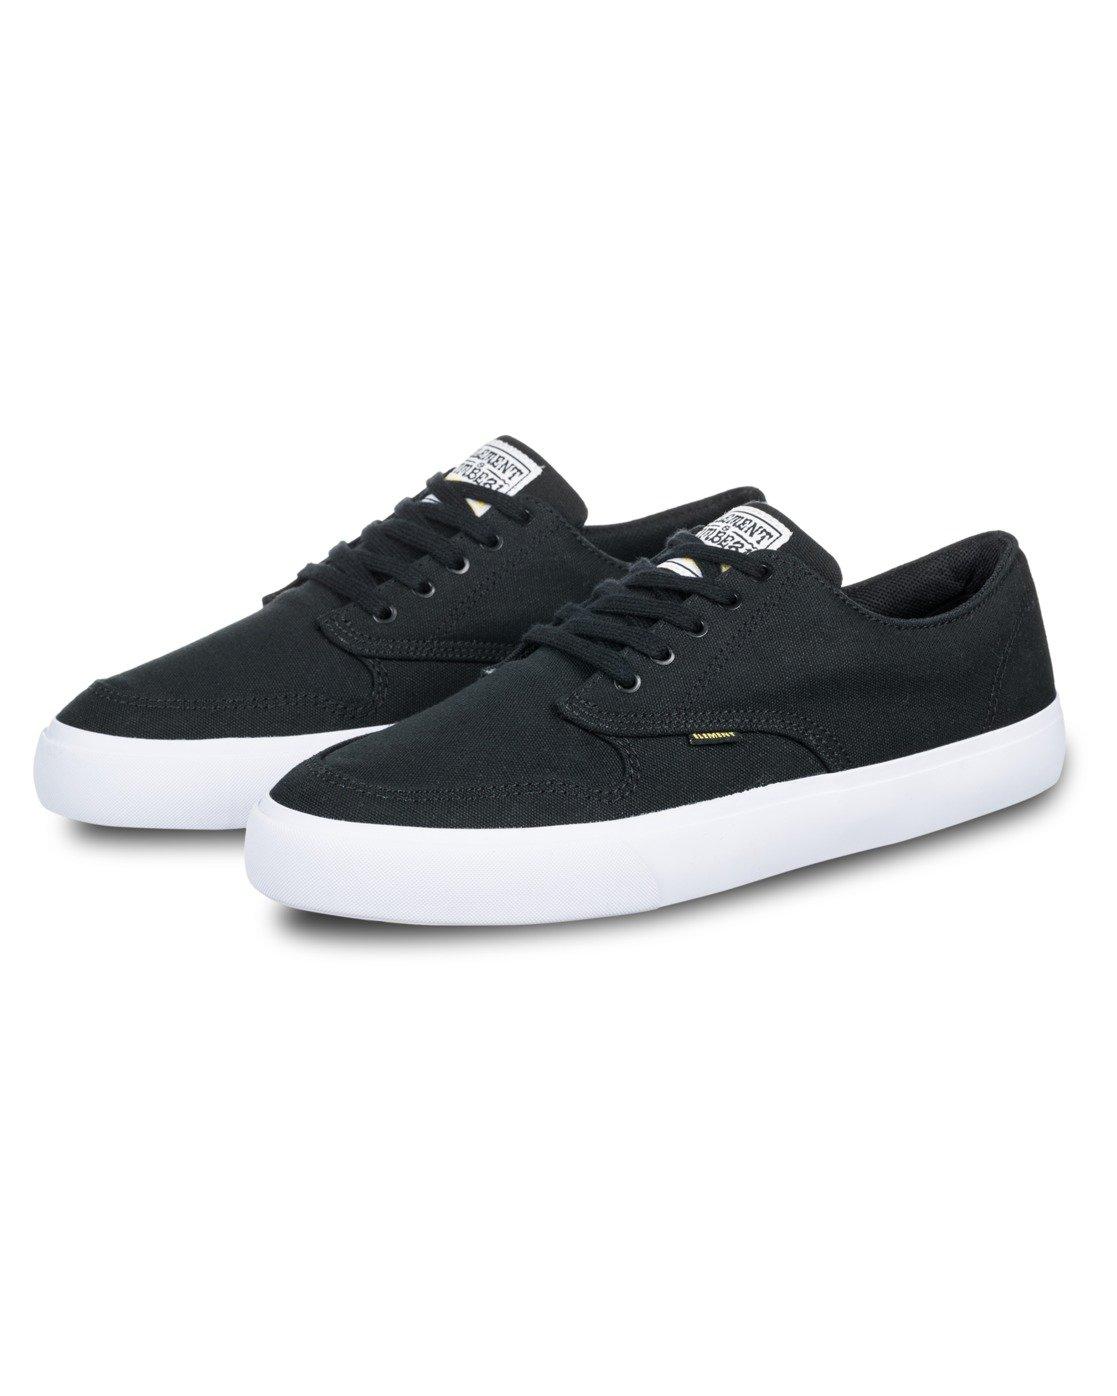 1 Topaz C3 - Shoes for Men Black W6TC3101 Element